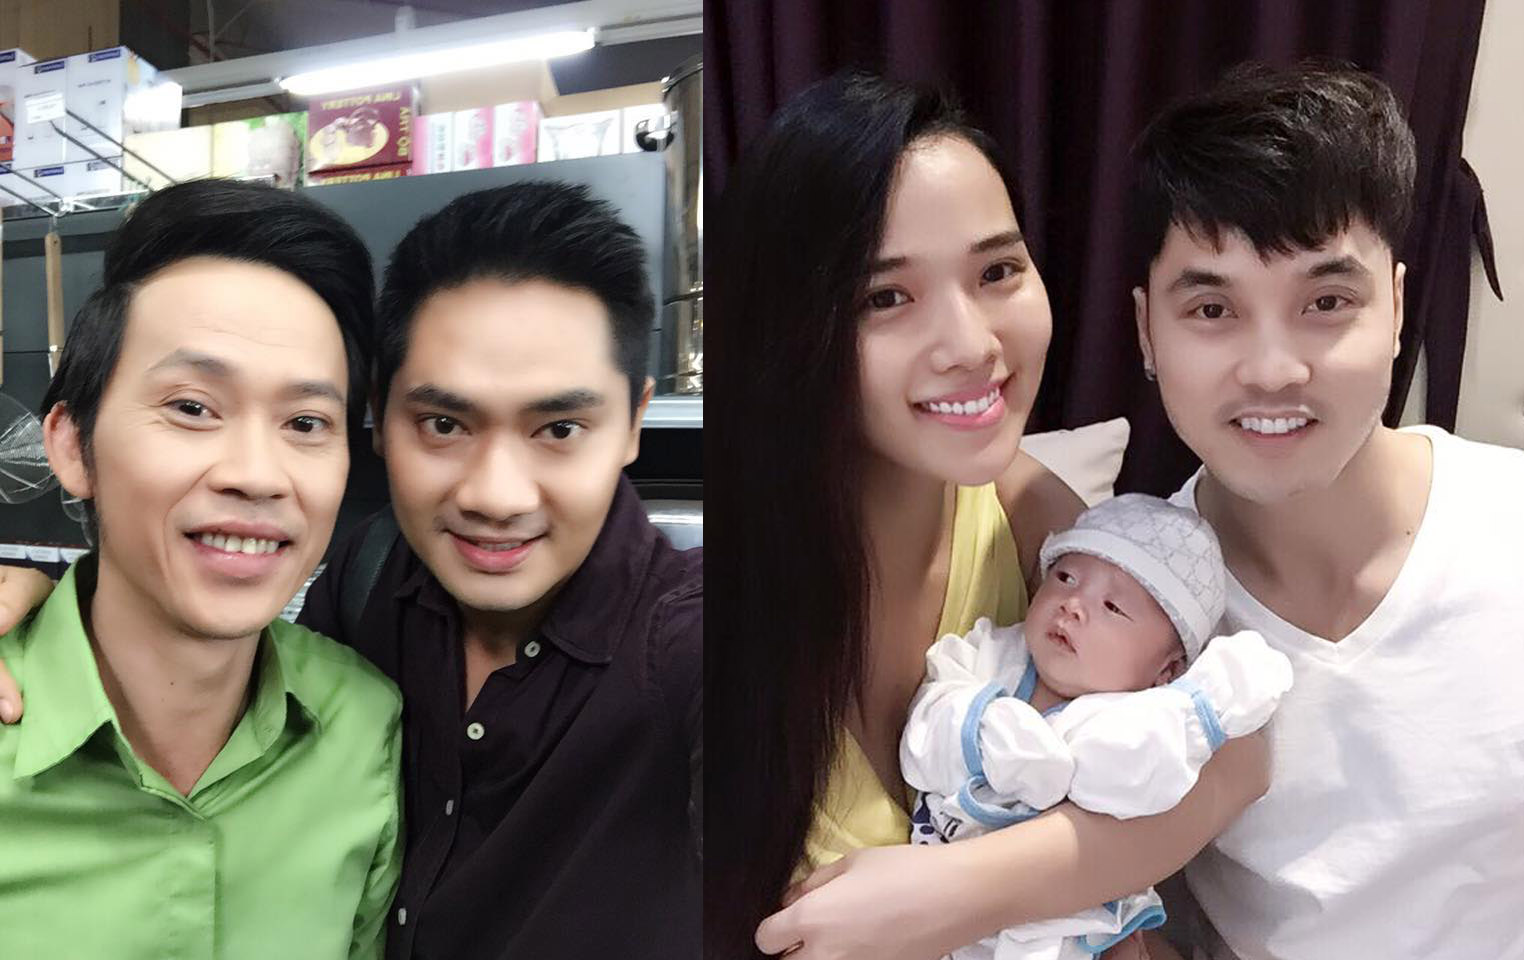 Ảnh đời  thường của sao Việt qua Facebook ngày 19-5